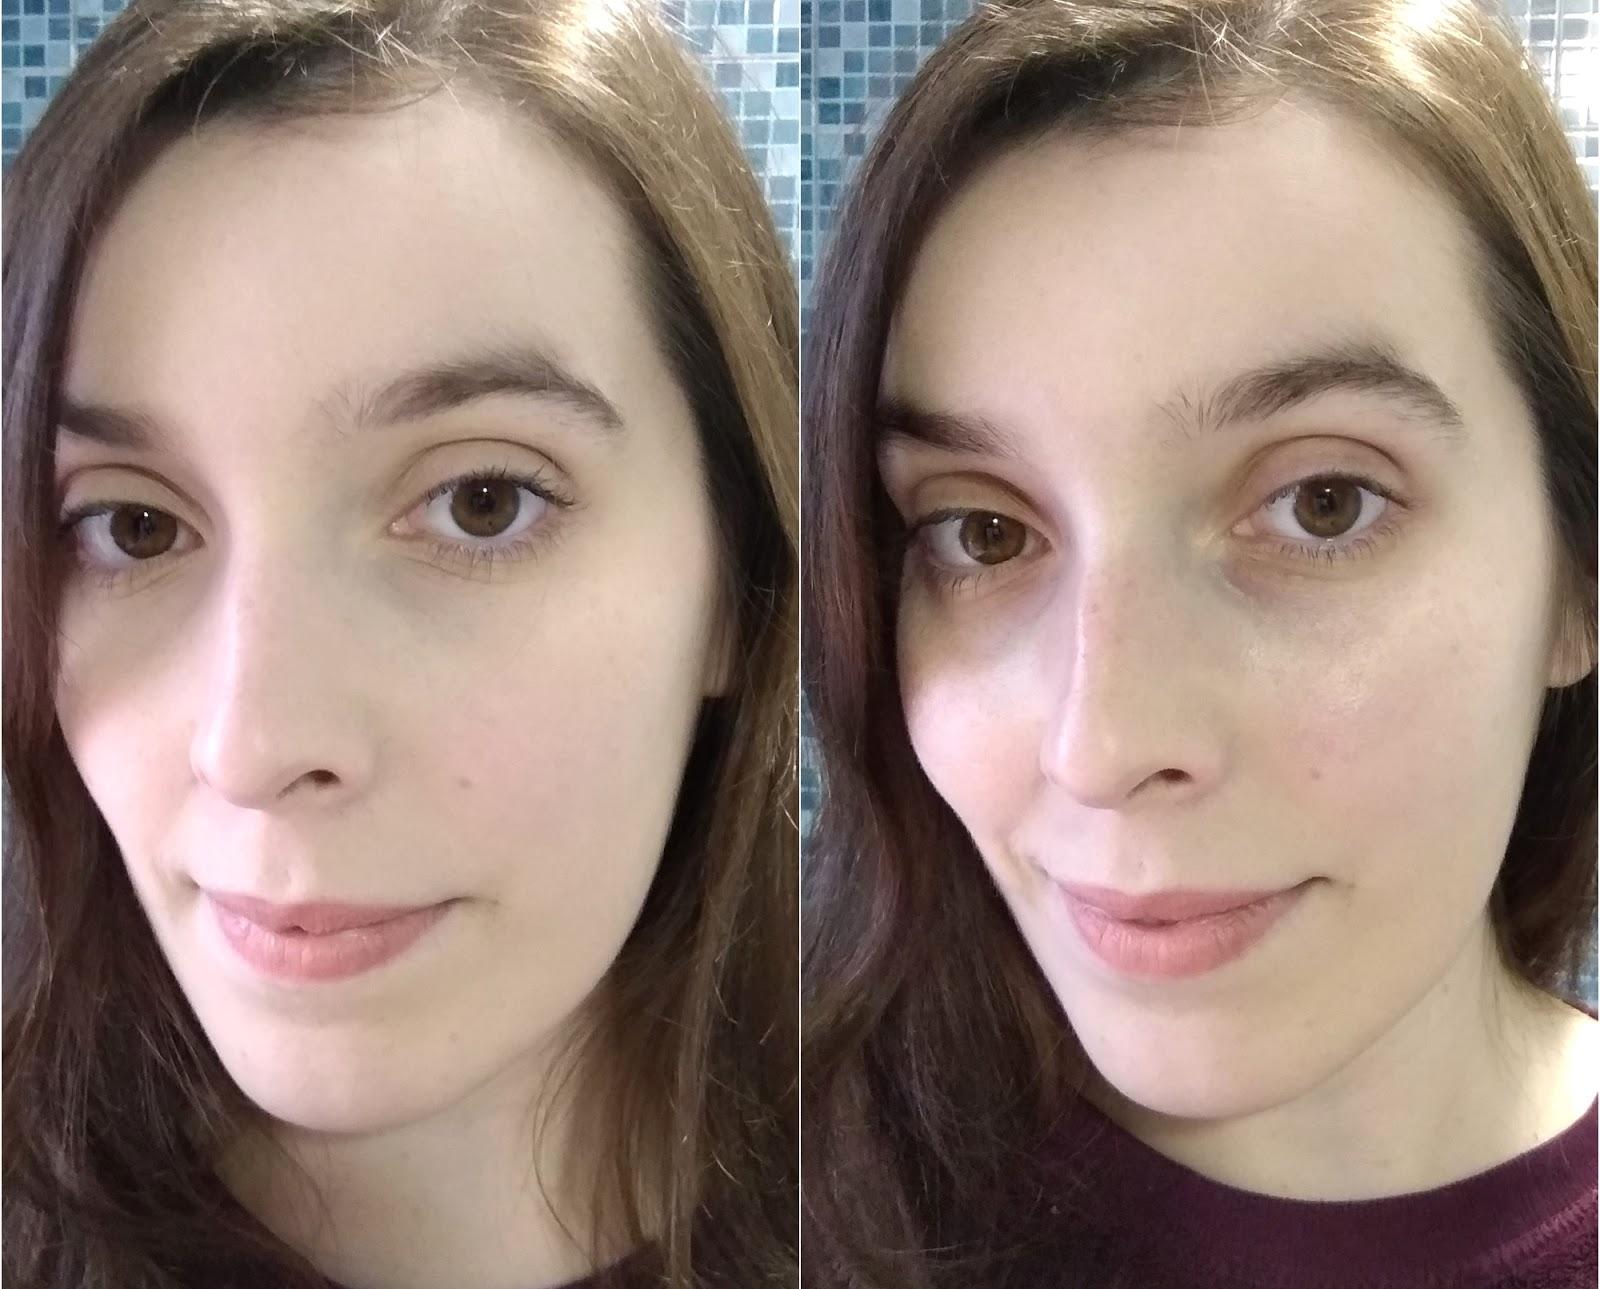 Desmaquilhante de olhos bifásico Cien - Resultados